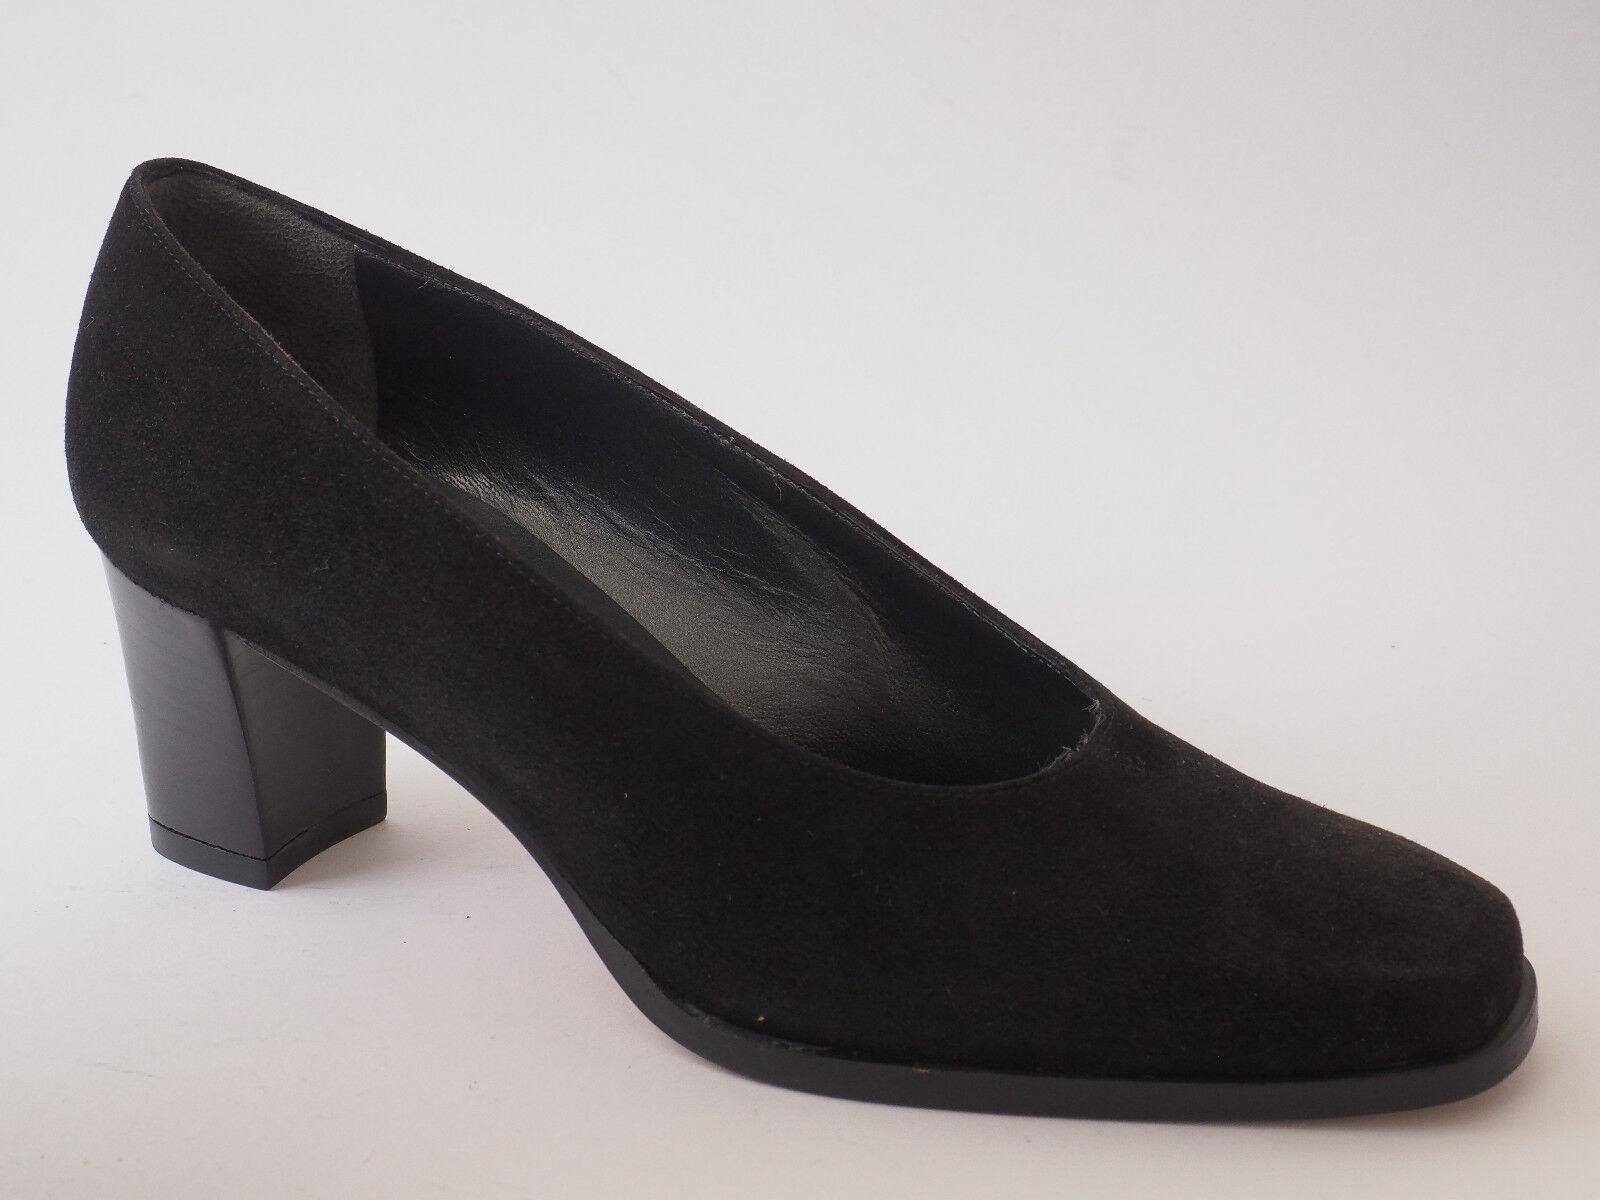 MARCELLO GIOVANNETTI Velour Damen Schuhe 36 40,5 Abendschuhe Velour GIOVANNETTI Schwarz Pumps NEU 3b6467